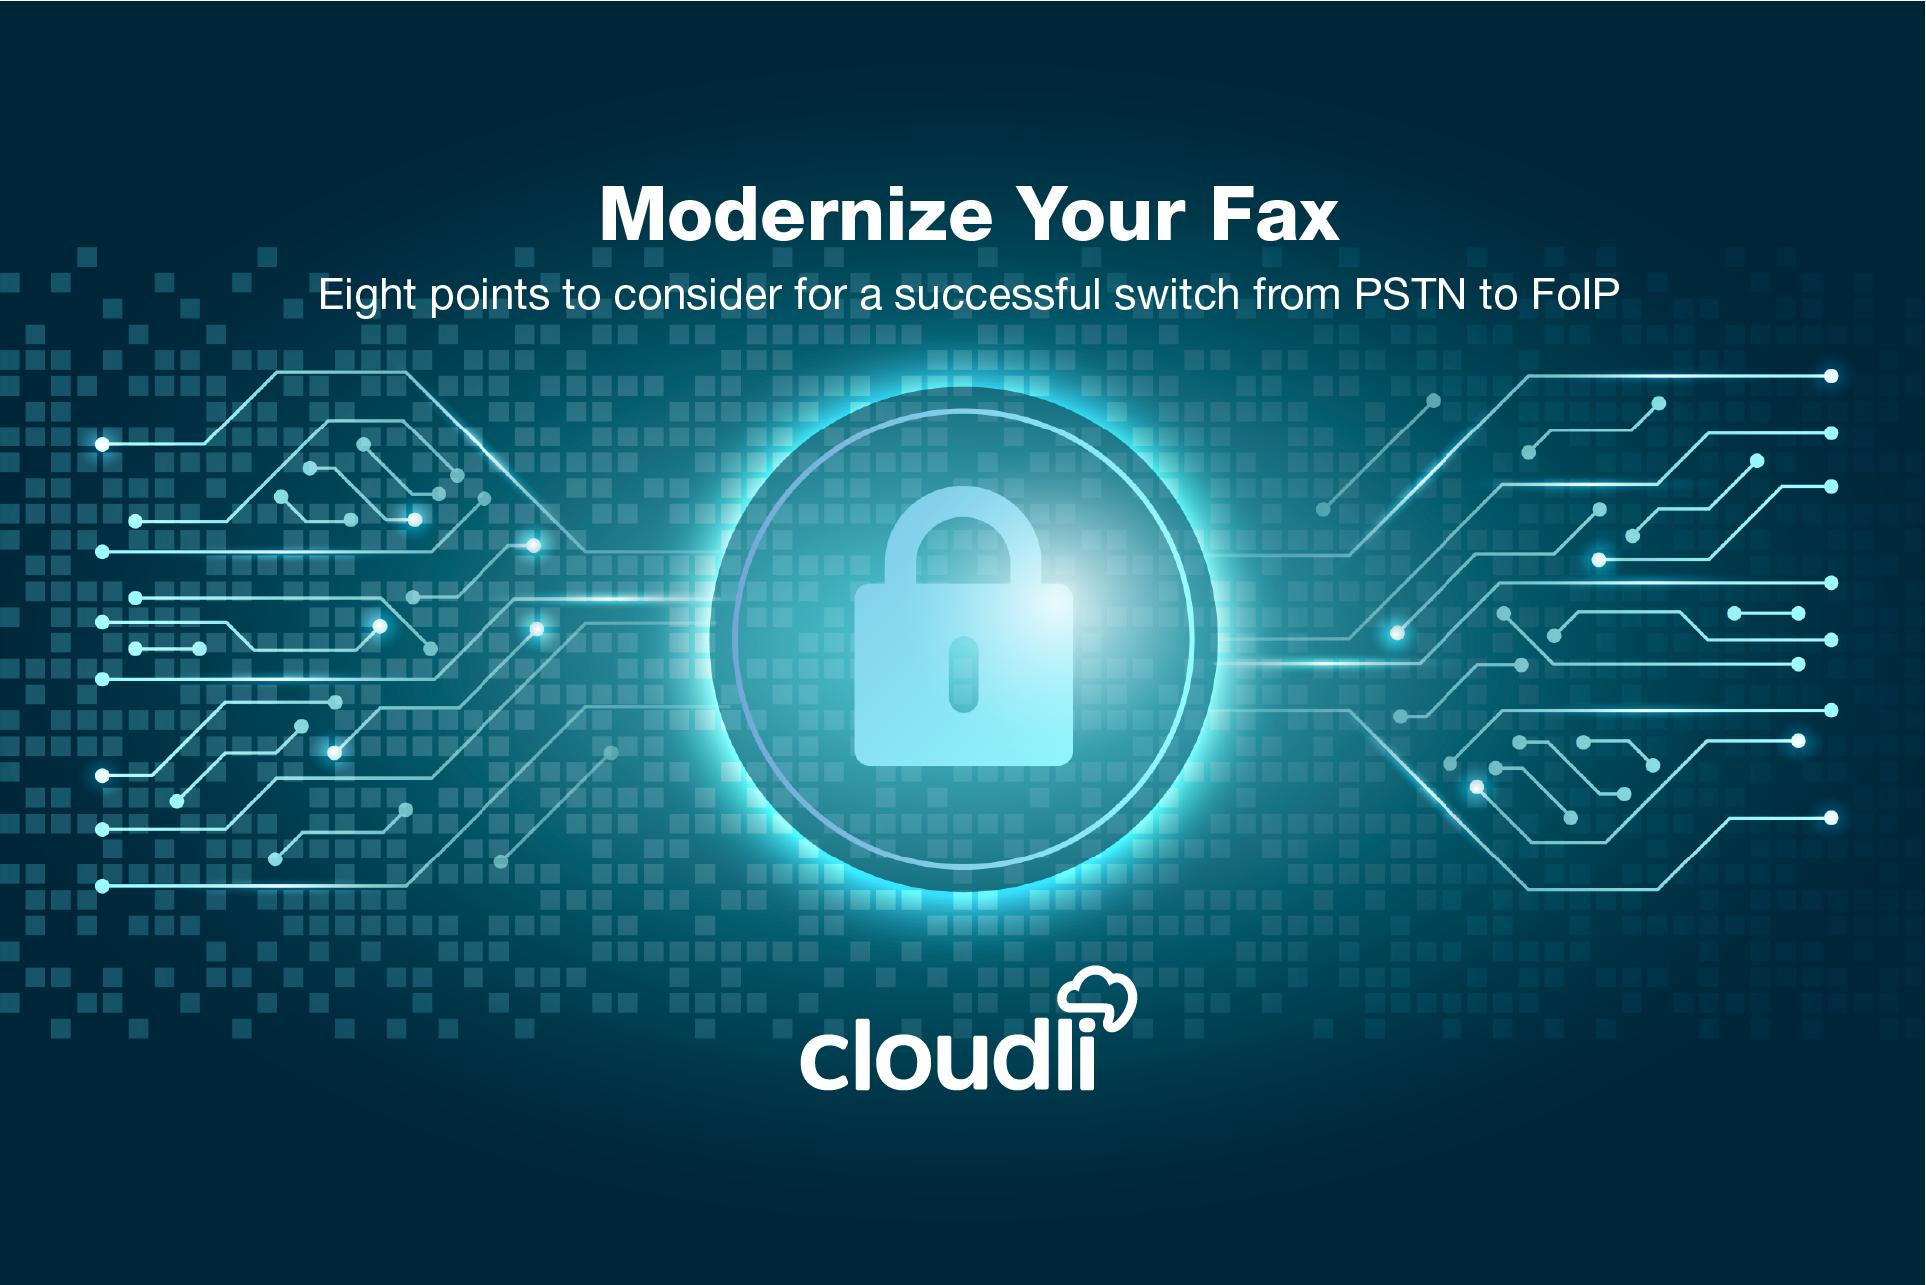 Modernize-Fax-EN-2